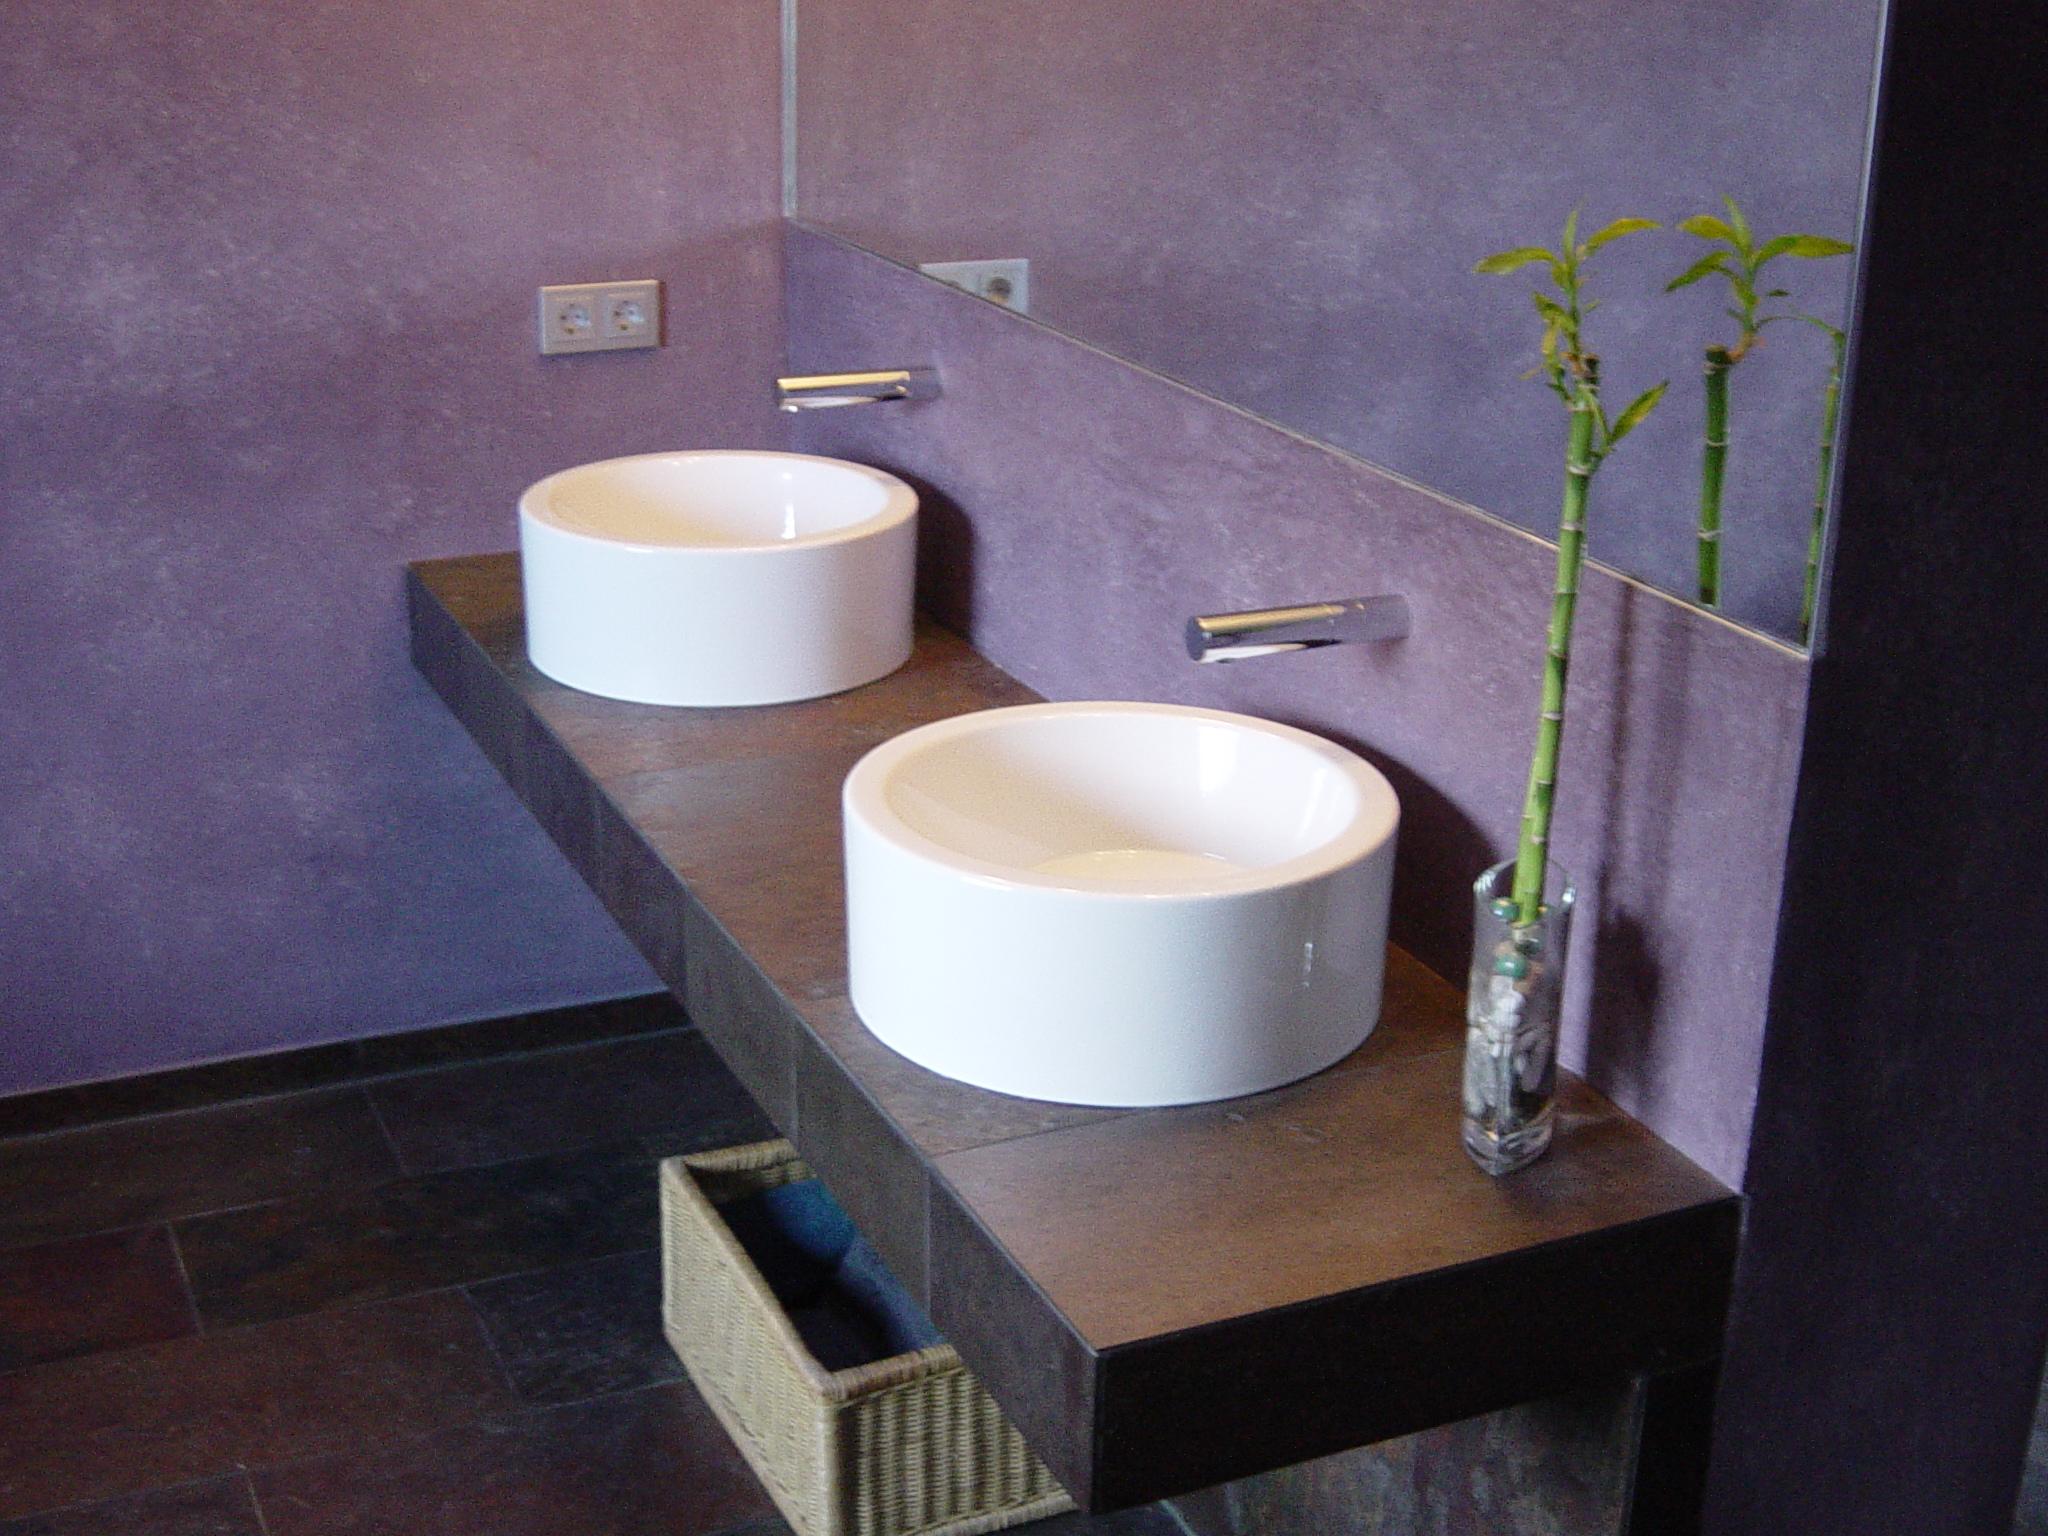 wasserfeste putze welche versiegelung farbefreudeleben. Black Bedroom Furniture Sets. Home Design Ideas